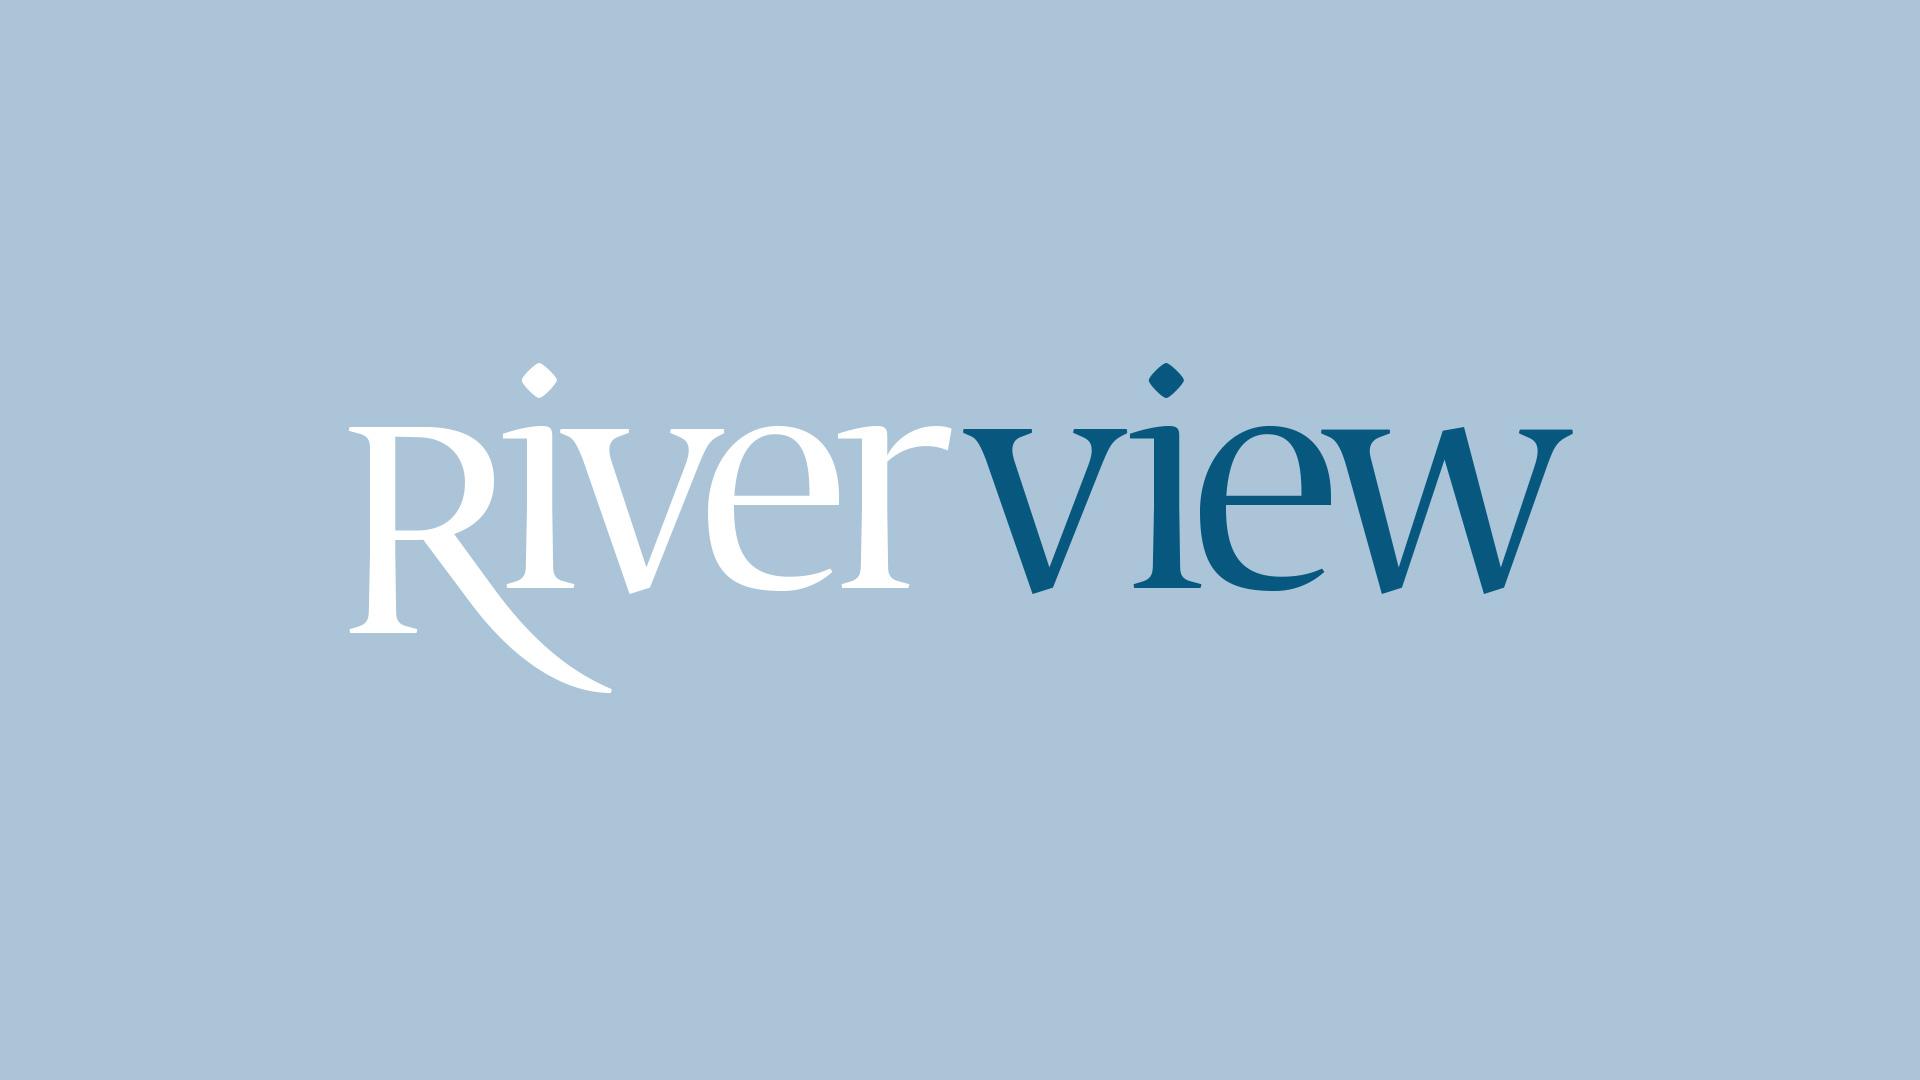 studio_anthony_smyrski_riverview_identity